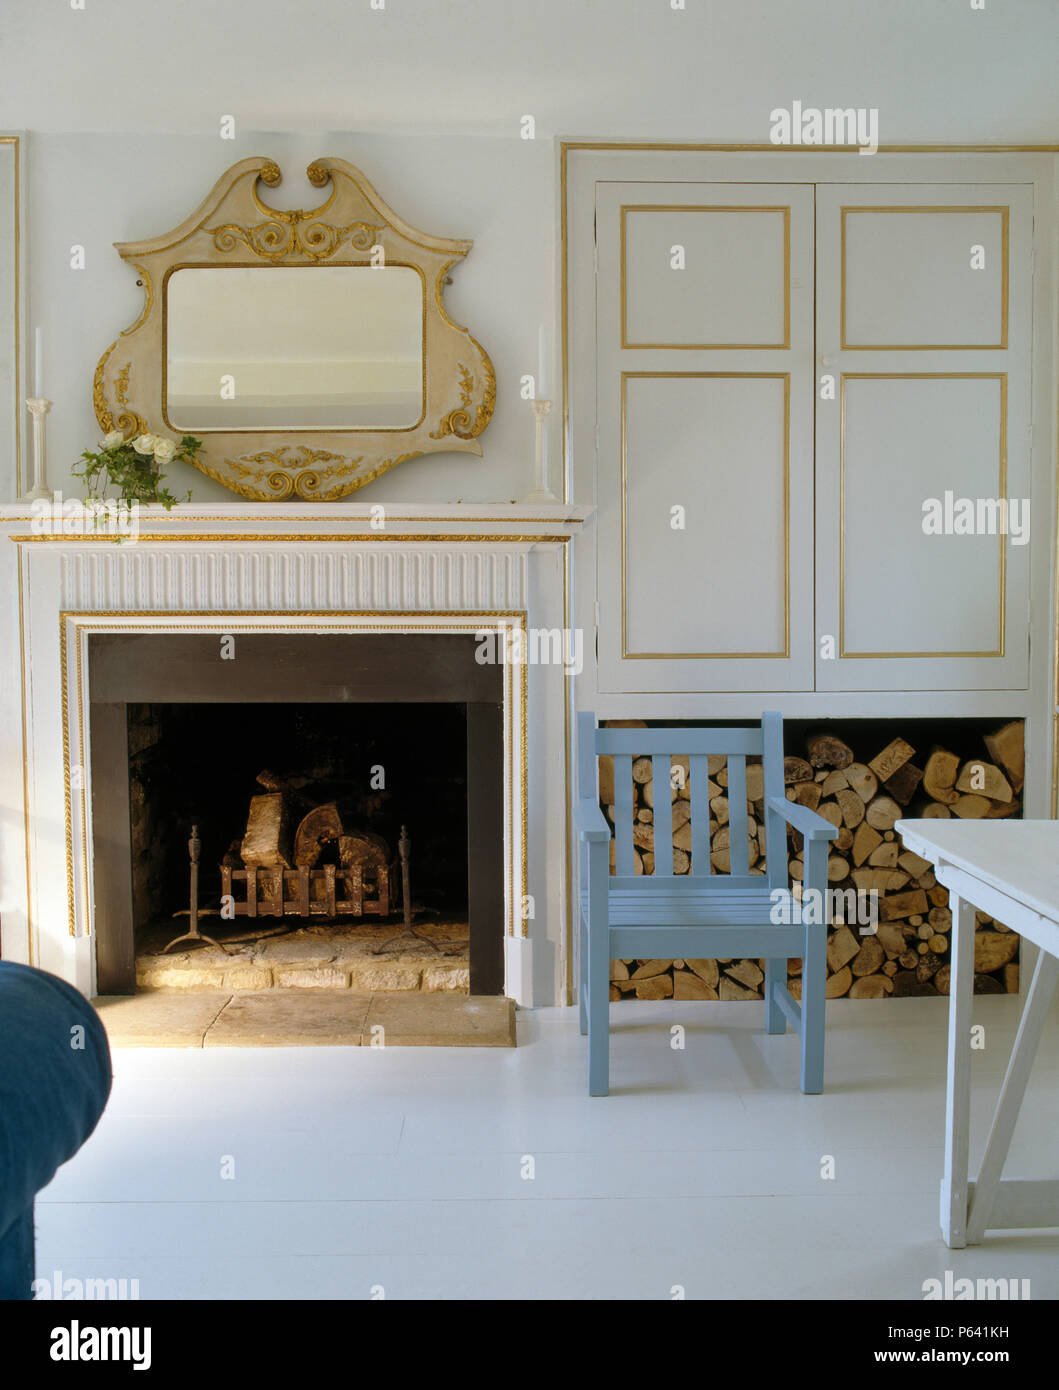 Kunstvolle Holz Spiegel Uber Dem Kamin Im Wohnzimmer Mit